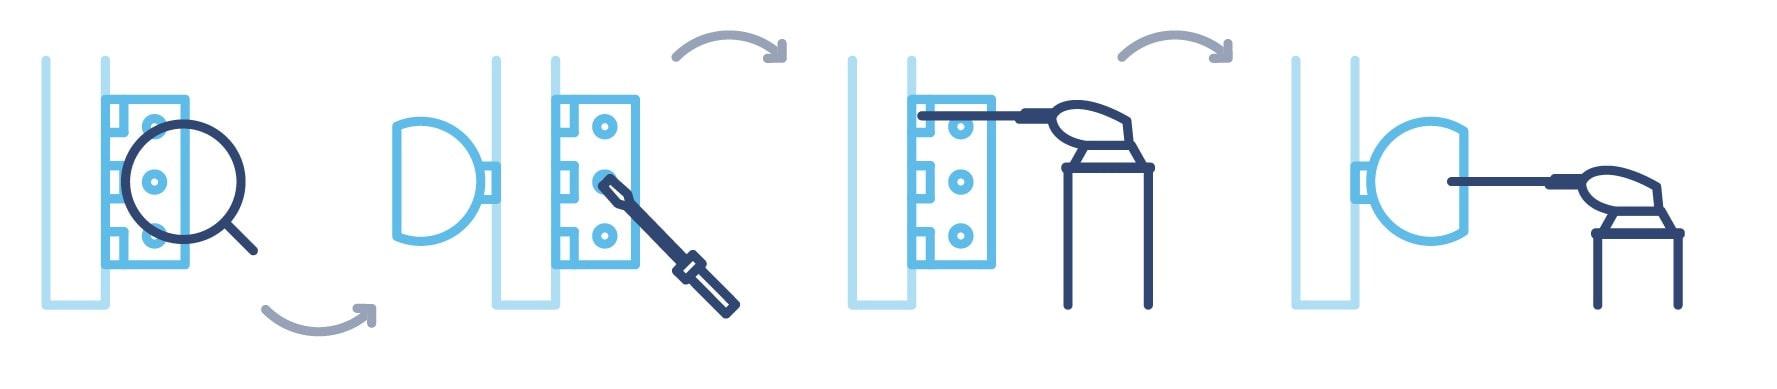 How to oiling door hinge